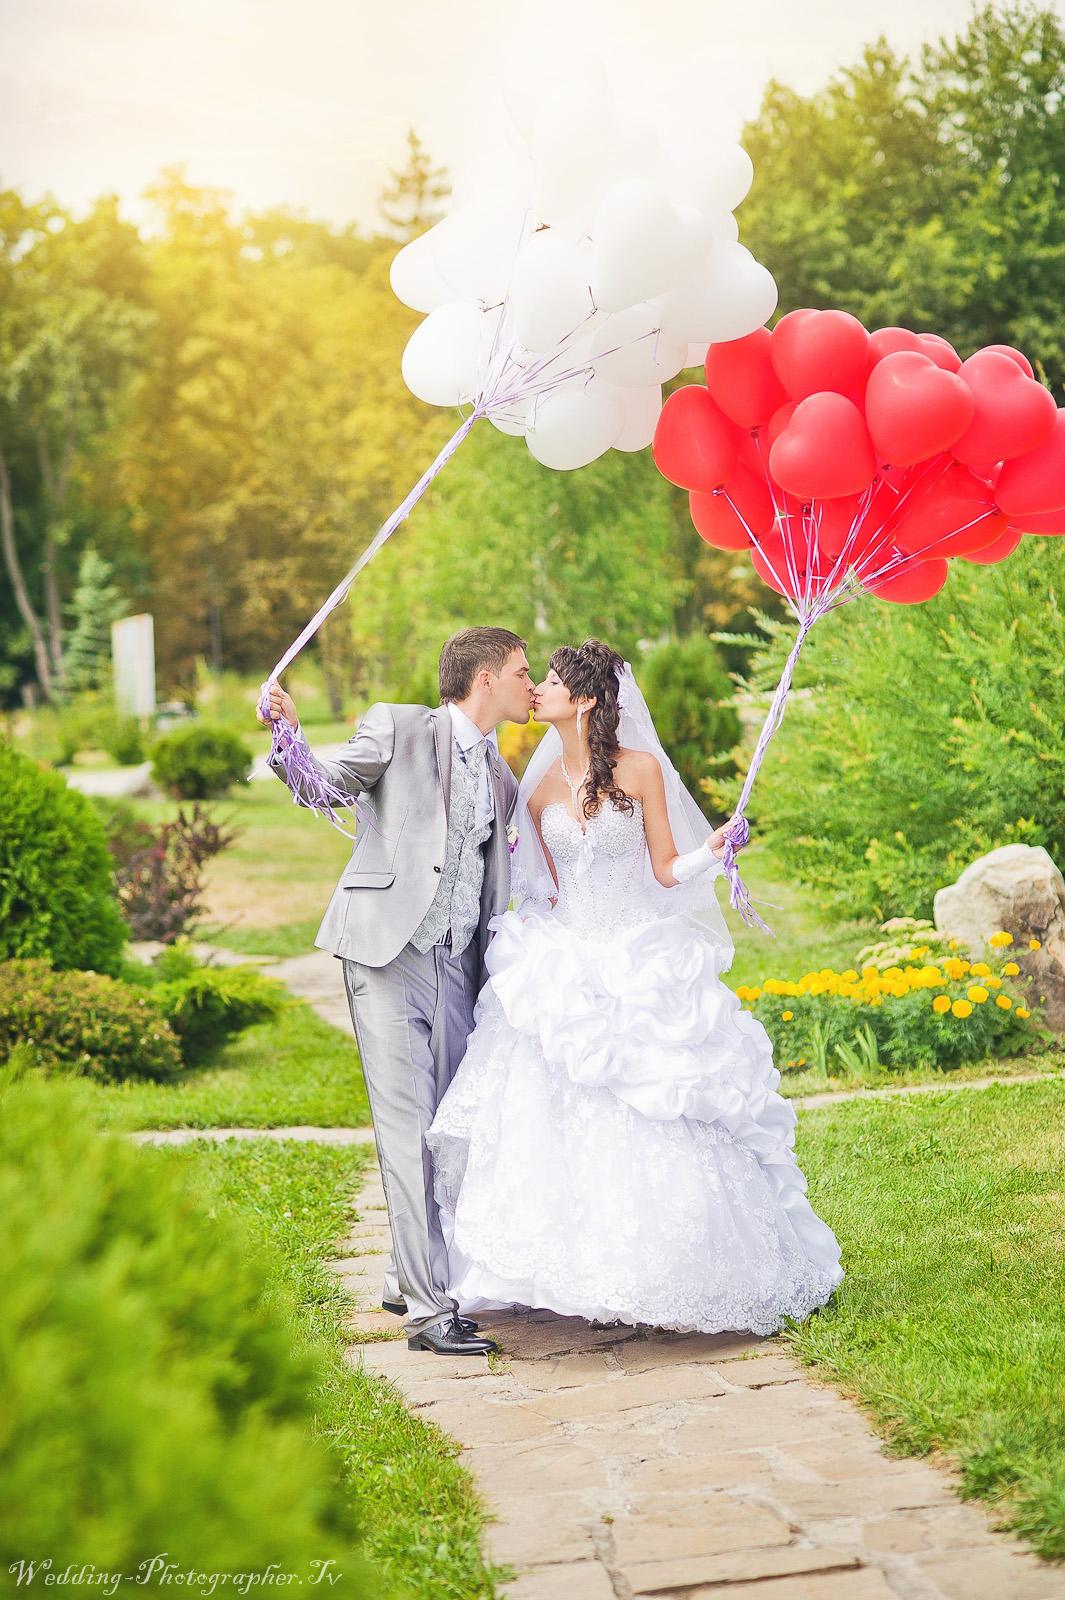 Необходимое оборудование для фотосъемки свадеб